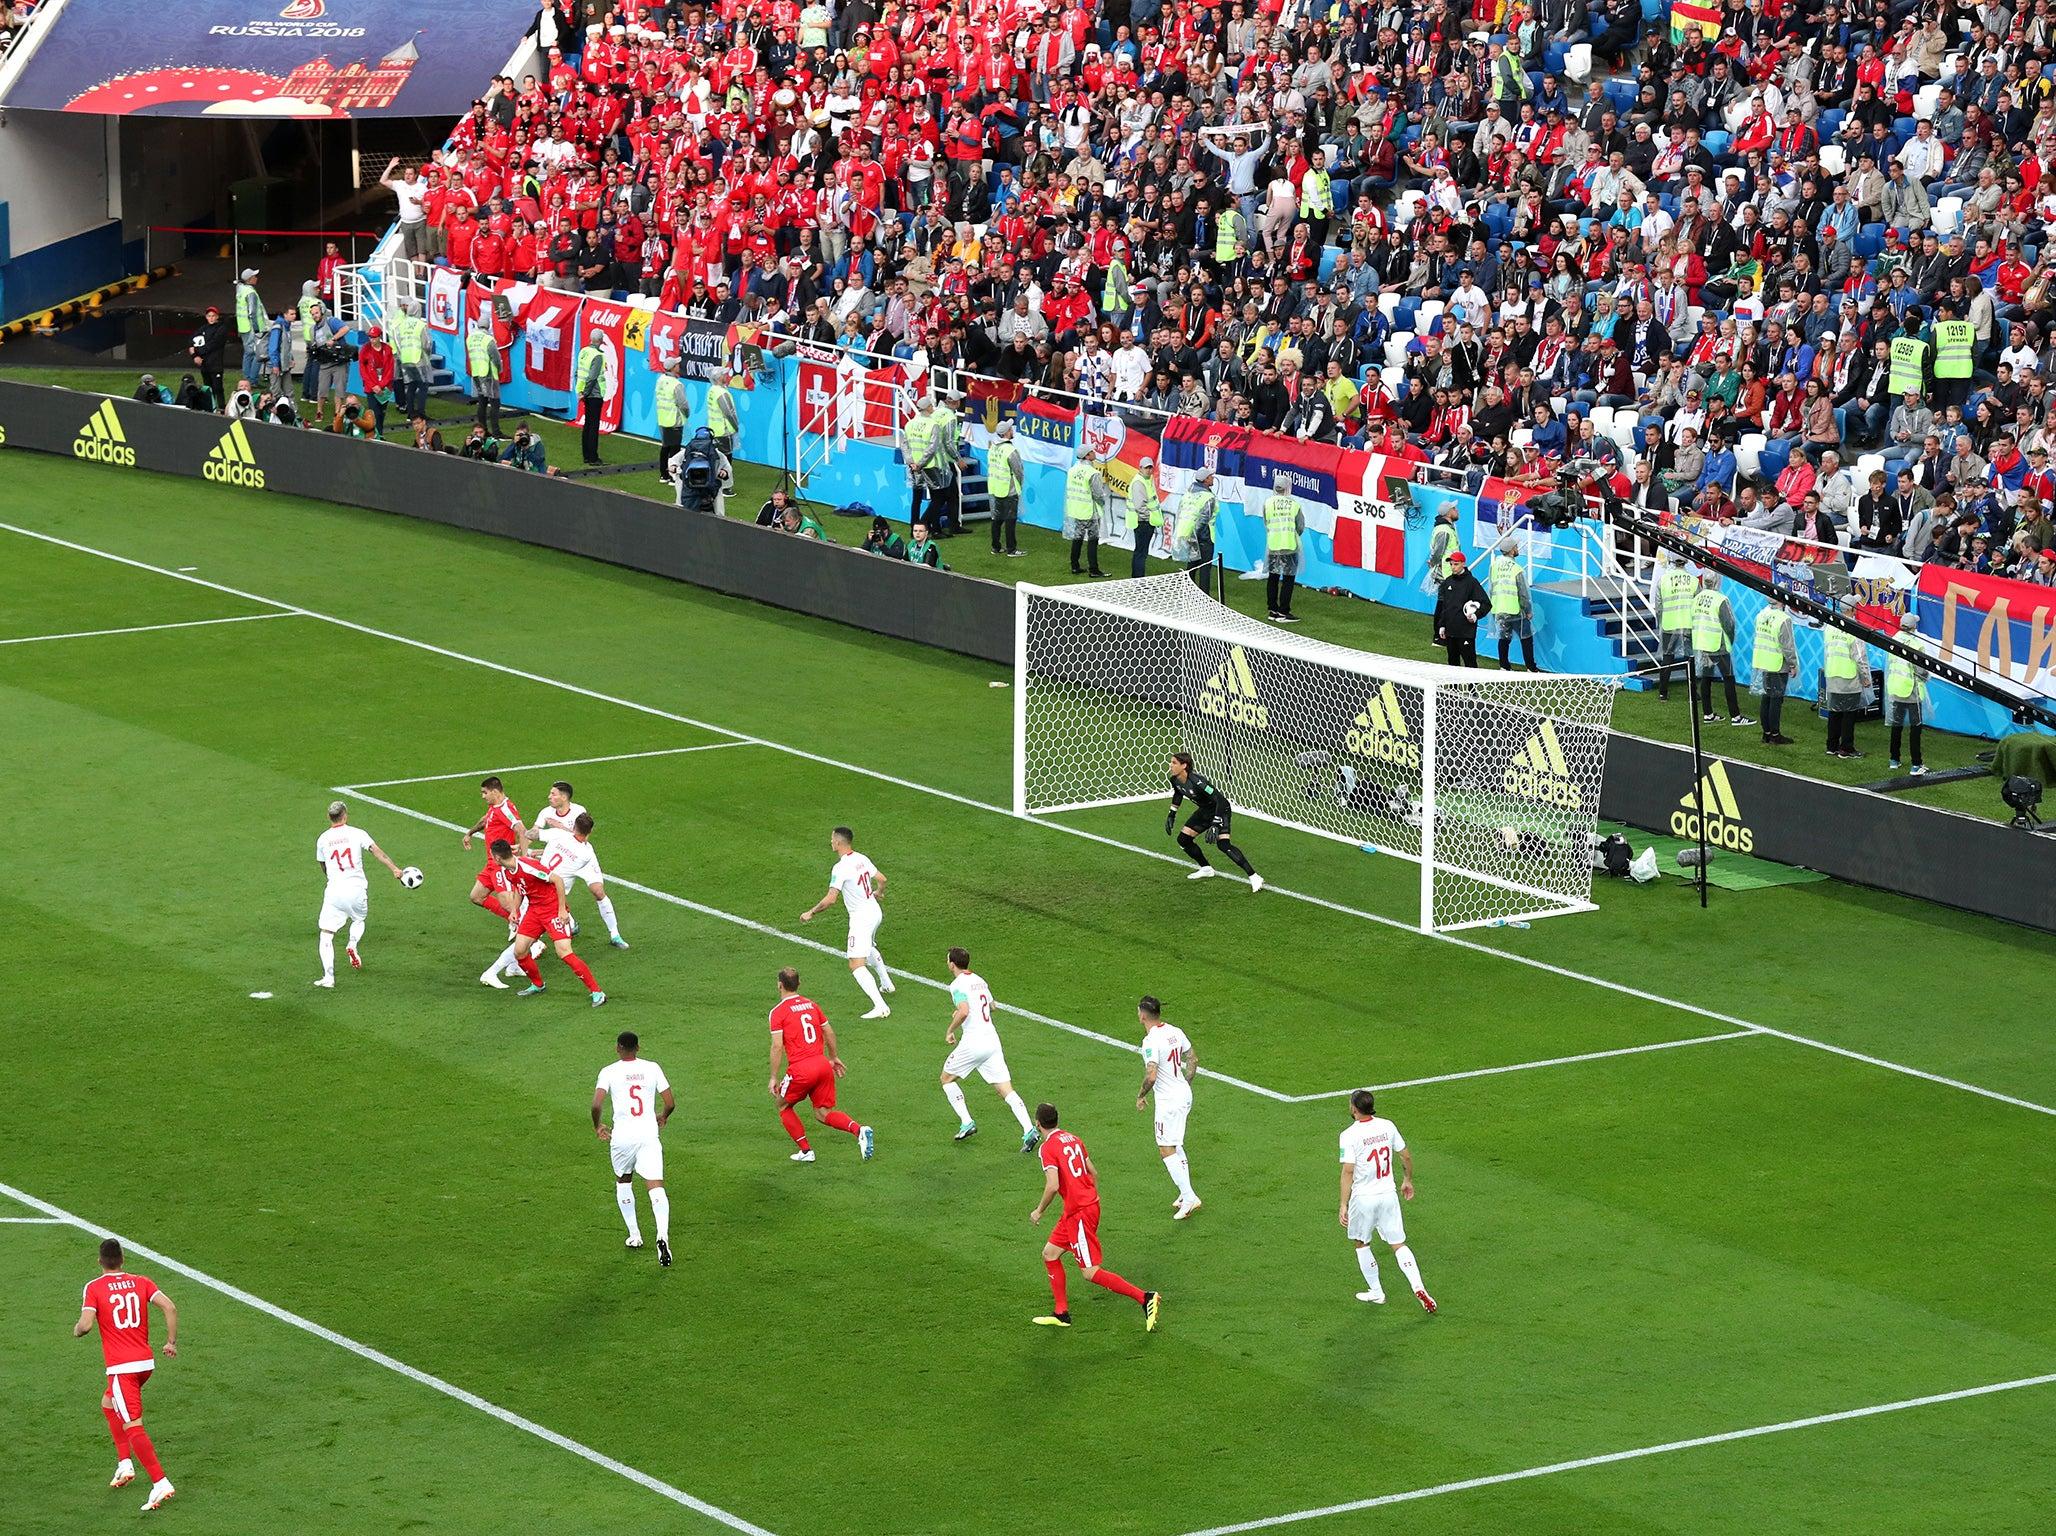 serbia vs switzerland live world cup 2018 prediction